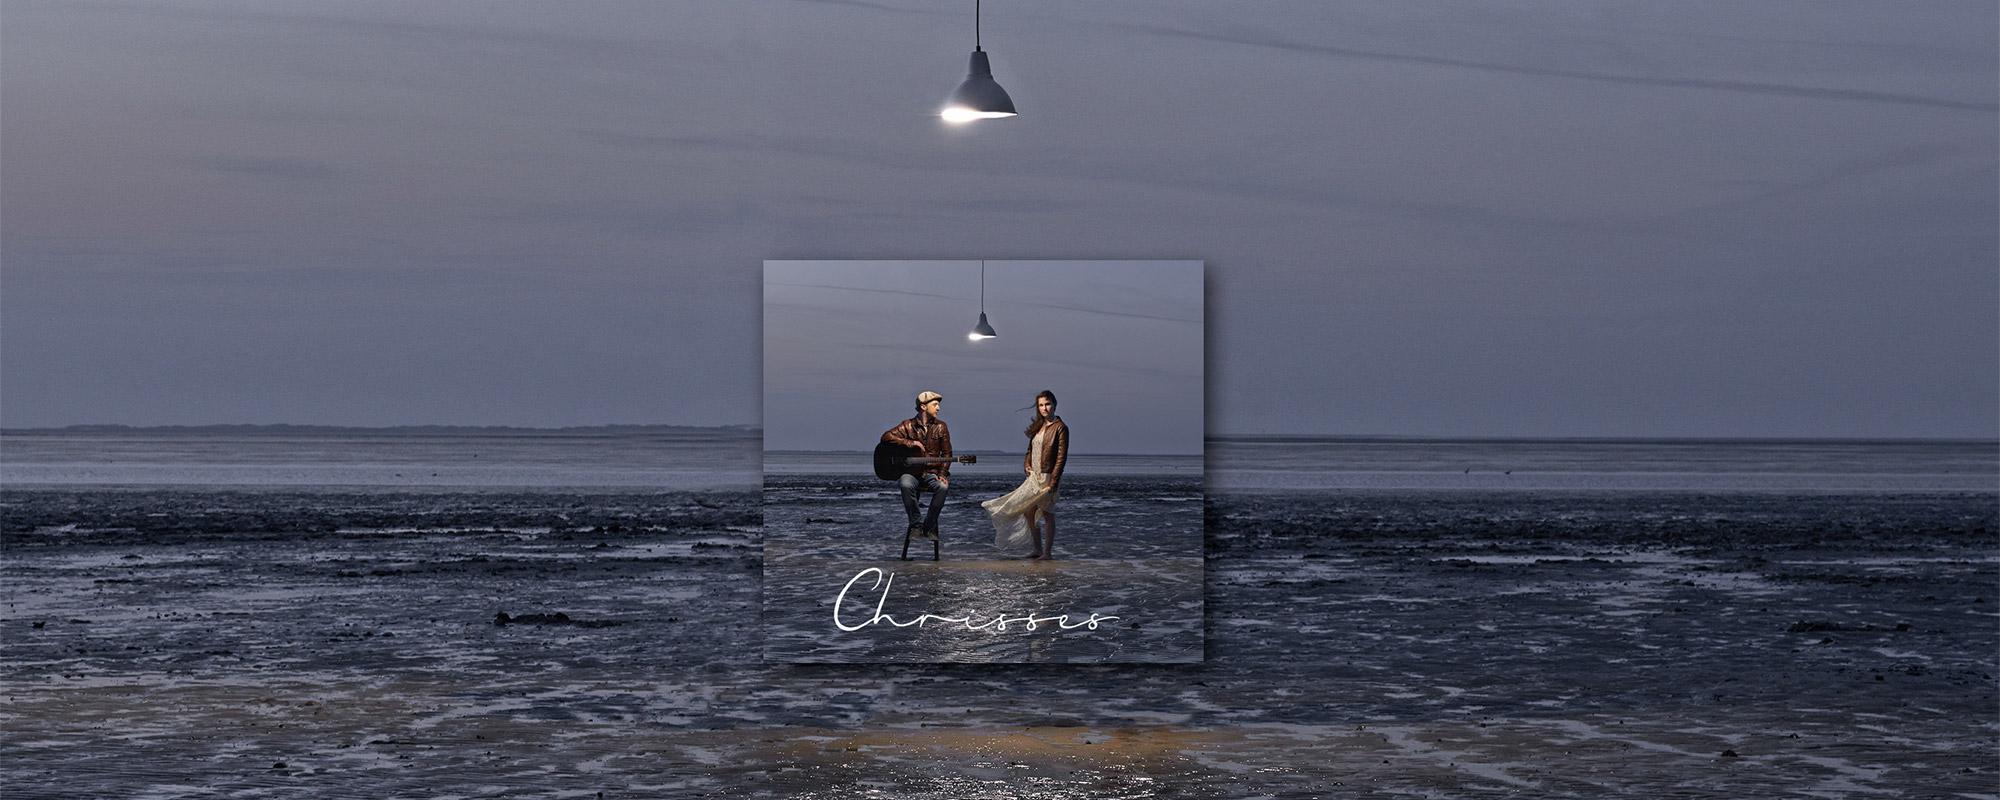 chrisses_lampe_CD_Beitrag